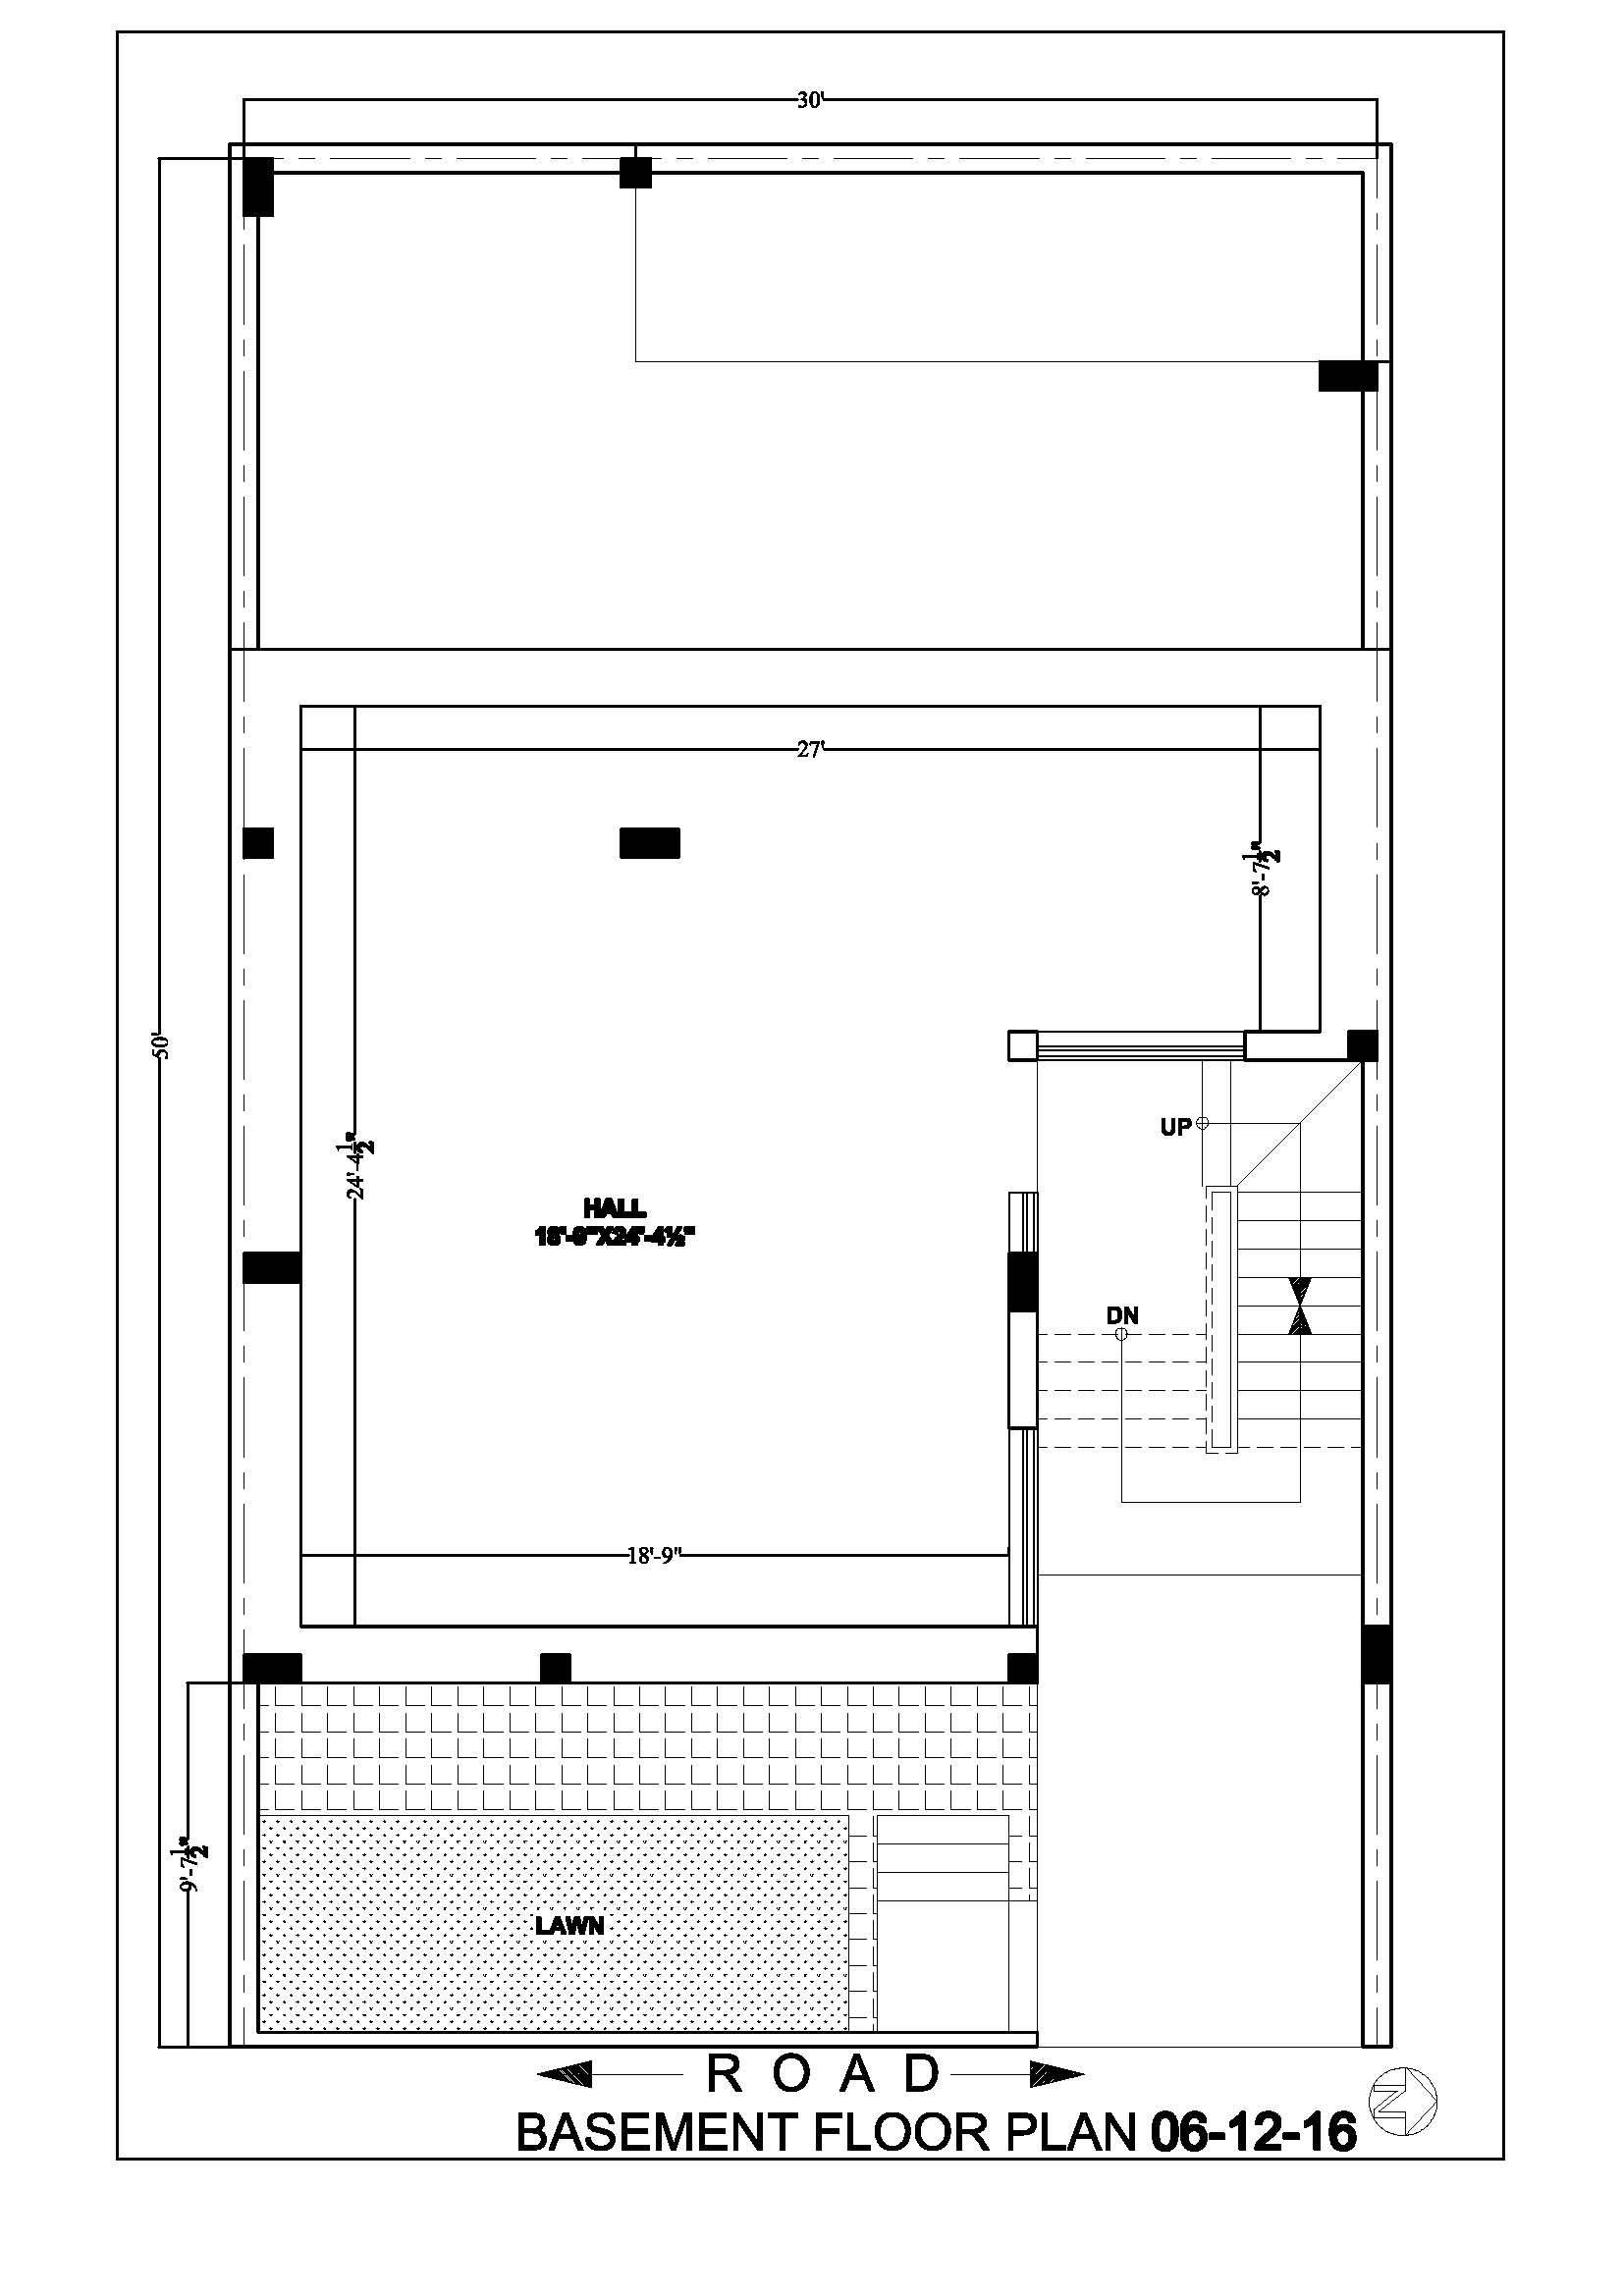 Basement Designs From Bruce Keats Basement Layout Basement Design Entertainment Room Design